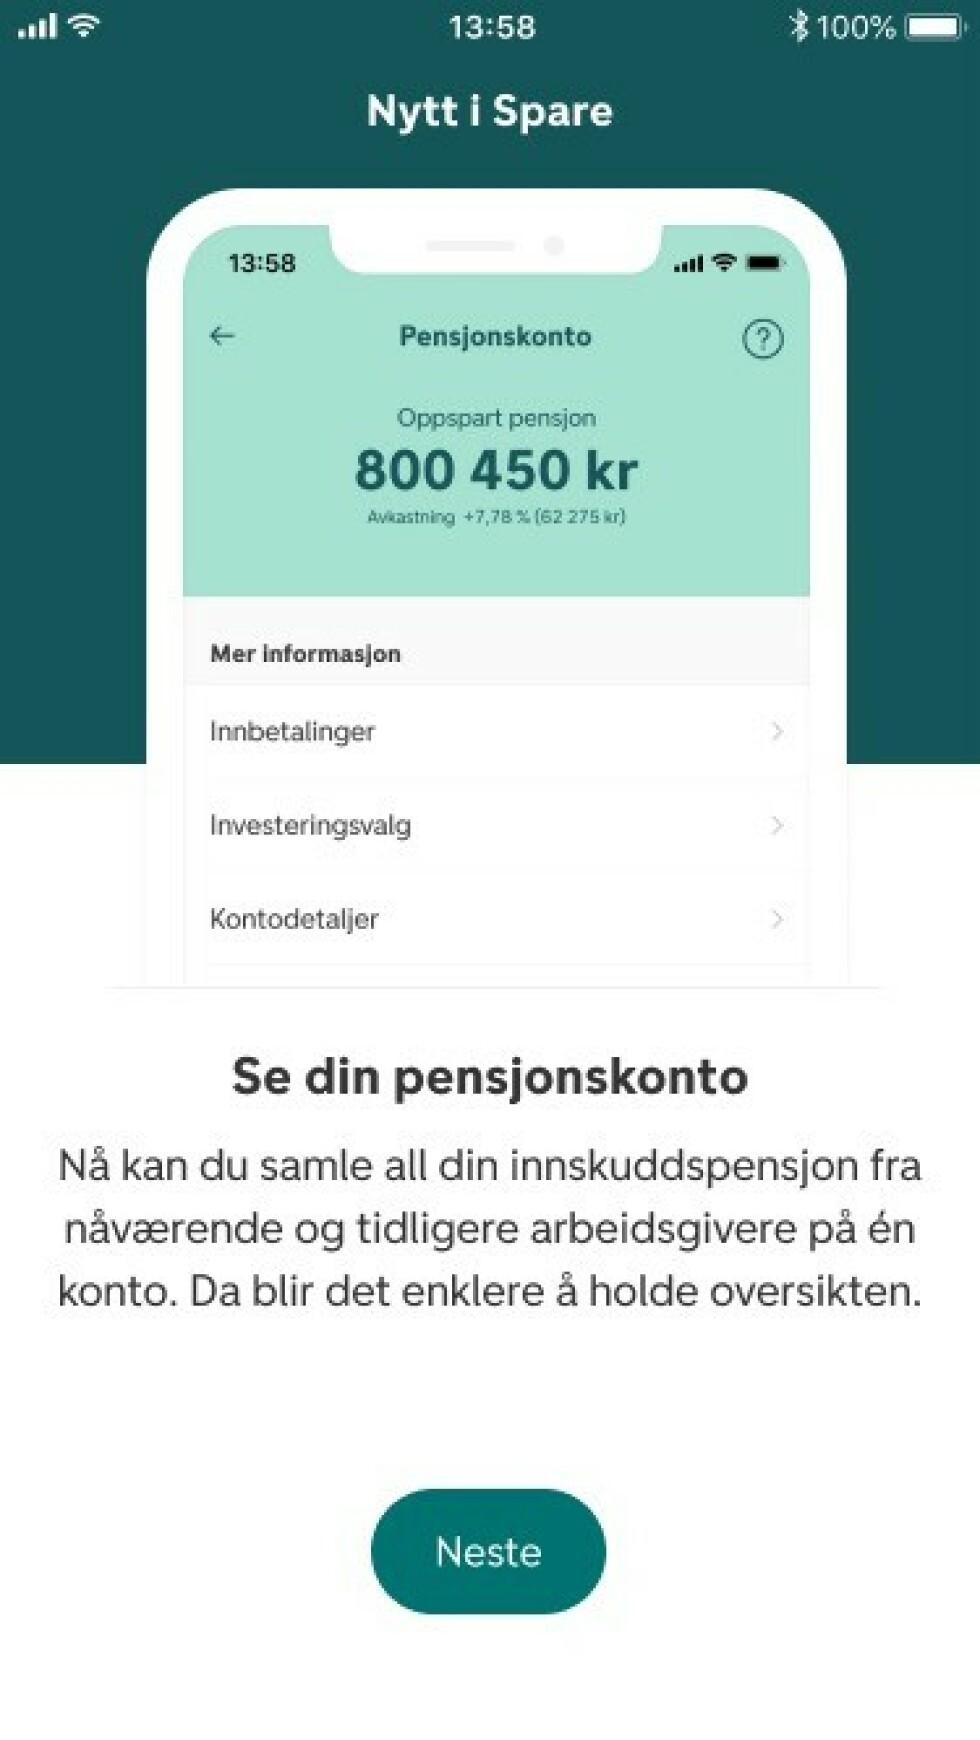 DNB har valgt å legge sin egen pensjonskonto-løsning inn i Spare-appen sin. Løsningen blir også tilgjengelig for de som ikke er kunder hos banken.